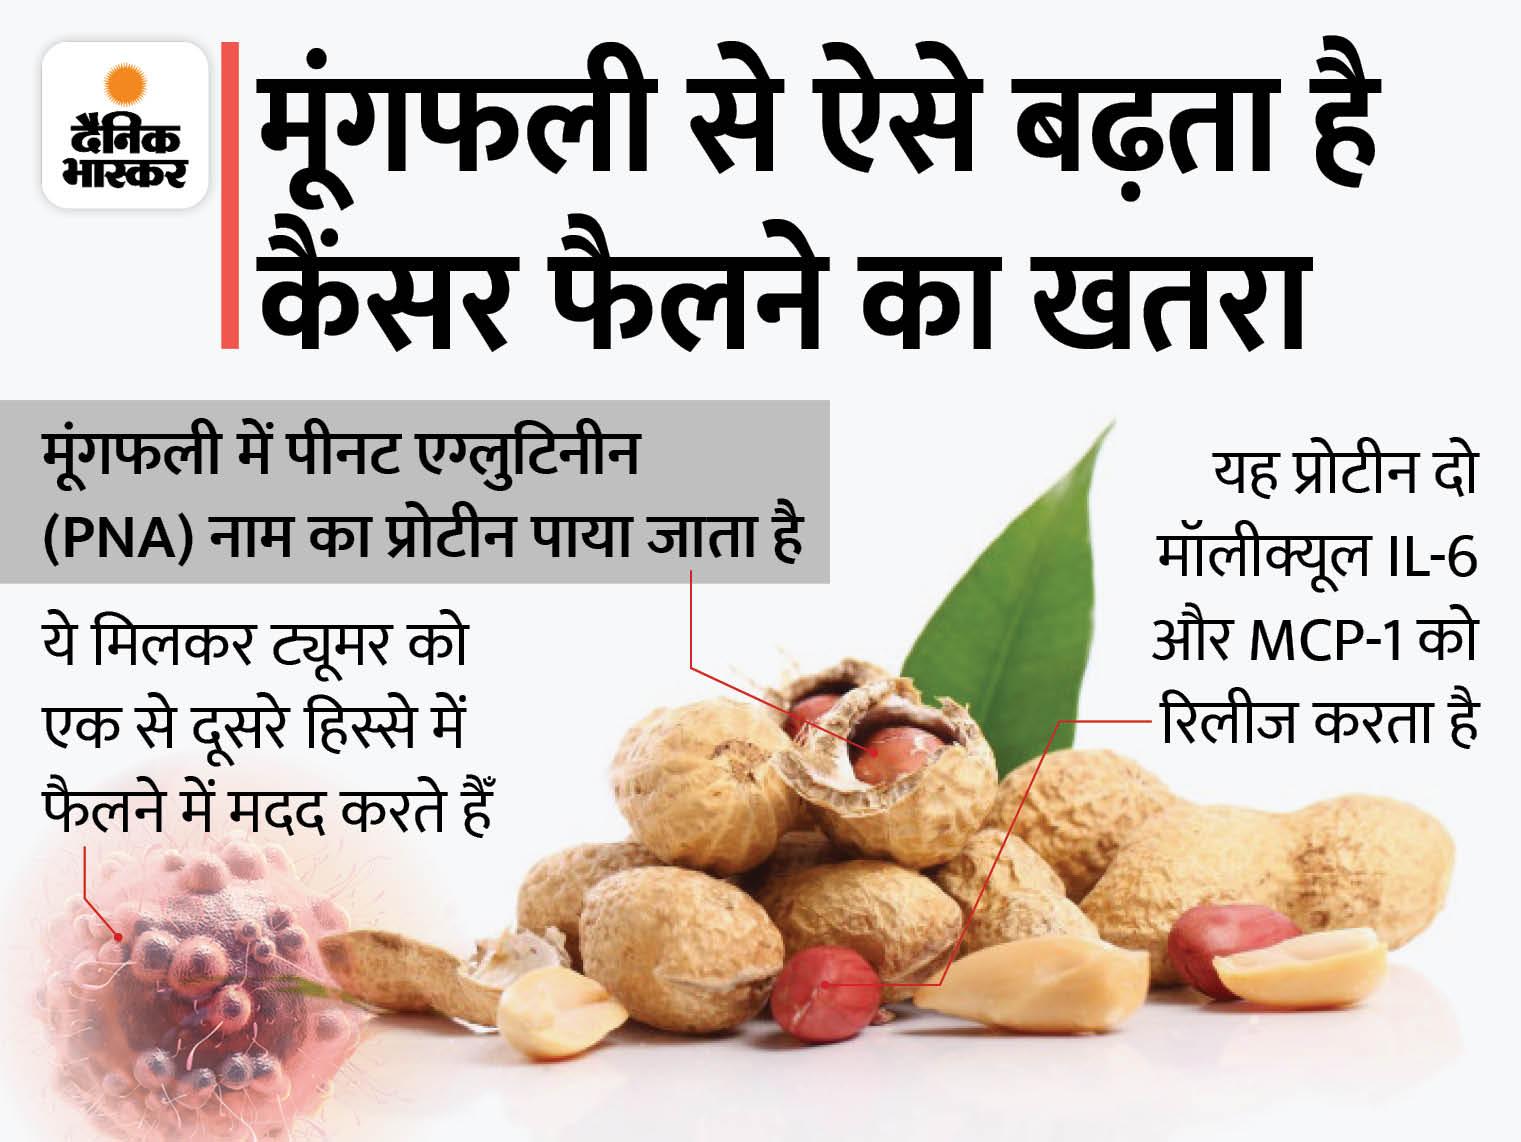 मूंगफली ज्यादा खाने से पूरे शरीर में कैंसर फैलने का खतरा बढ़ता है, एक दिन में 28 ग्राम से ज्यादा मूंगफली खाना ठीक नहीं|लाइफ & साइंस,Happy Life - Dainik Bhaskar